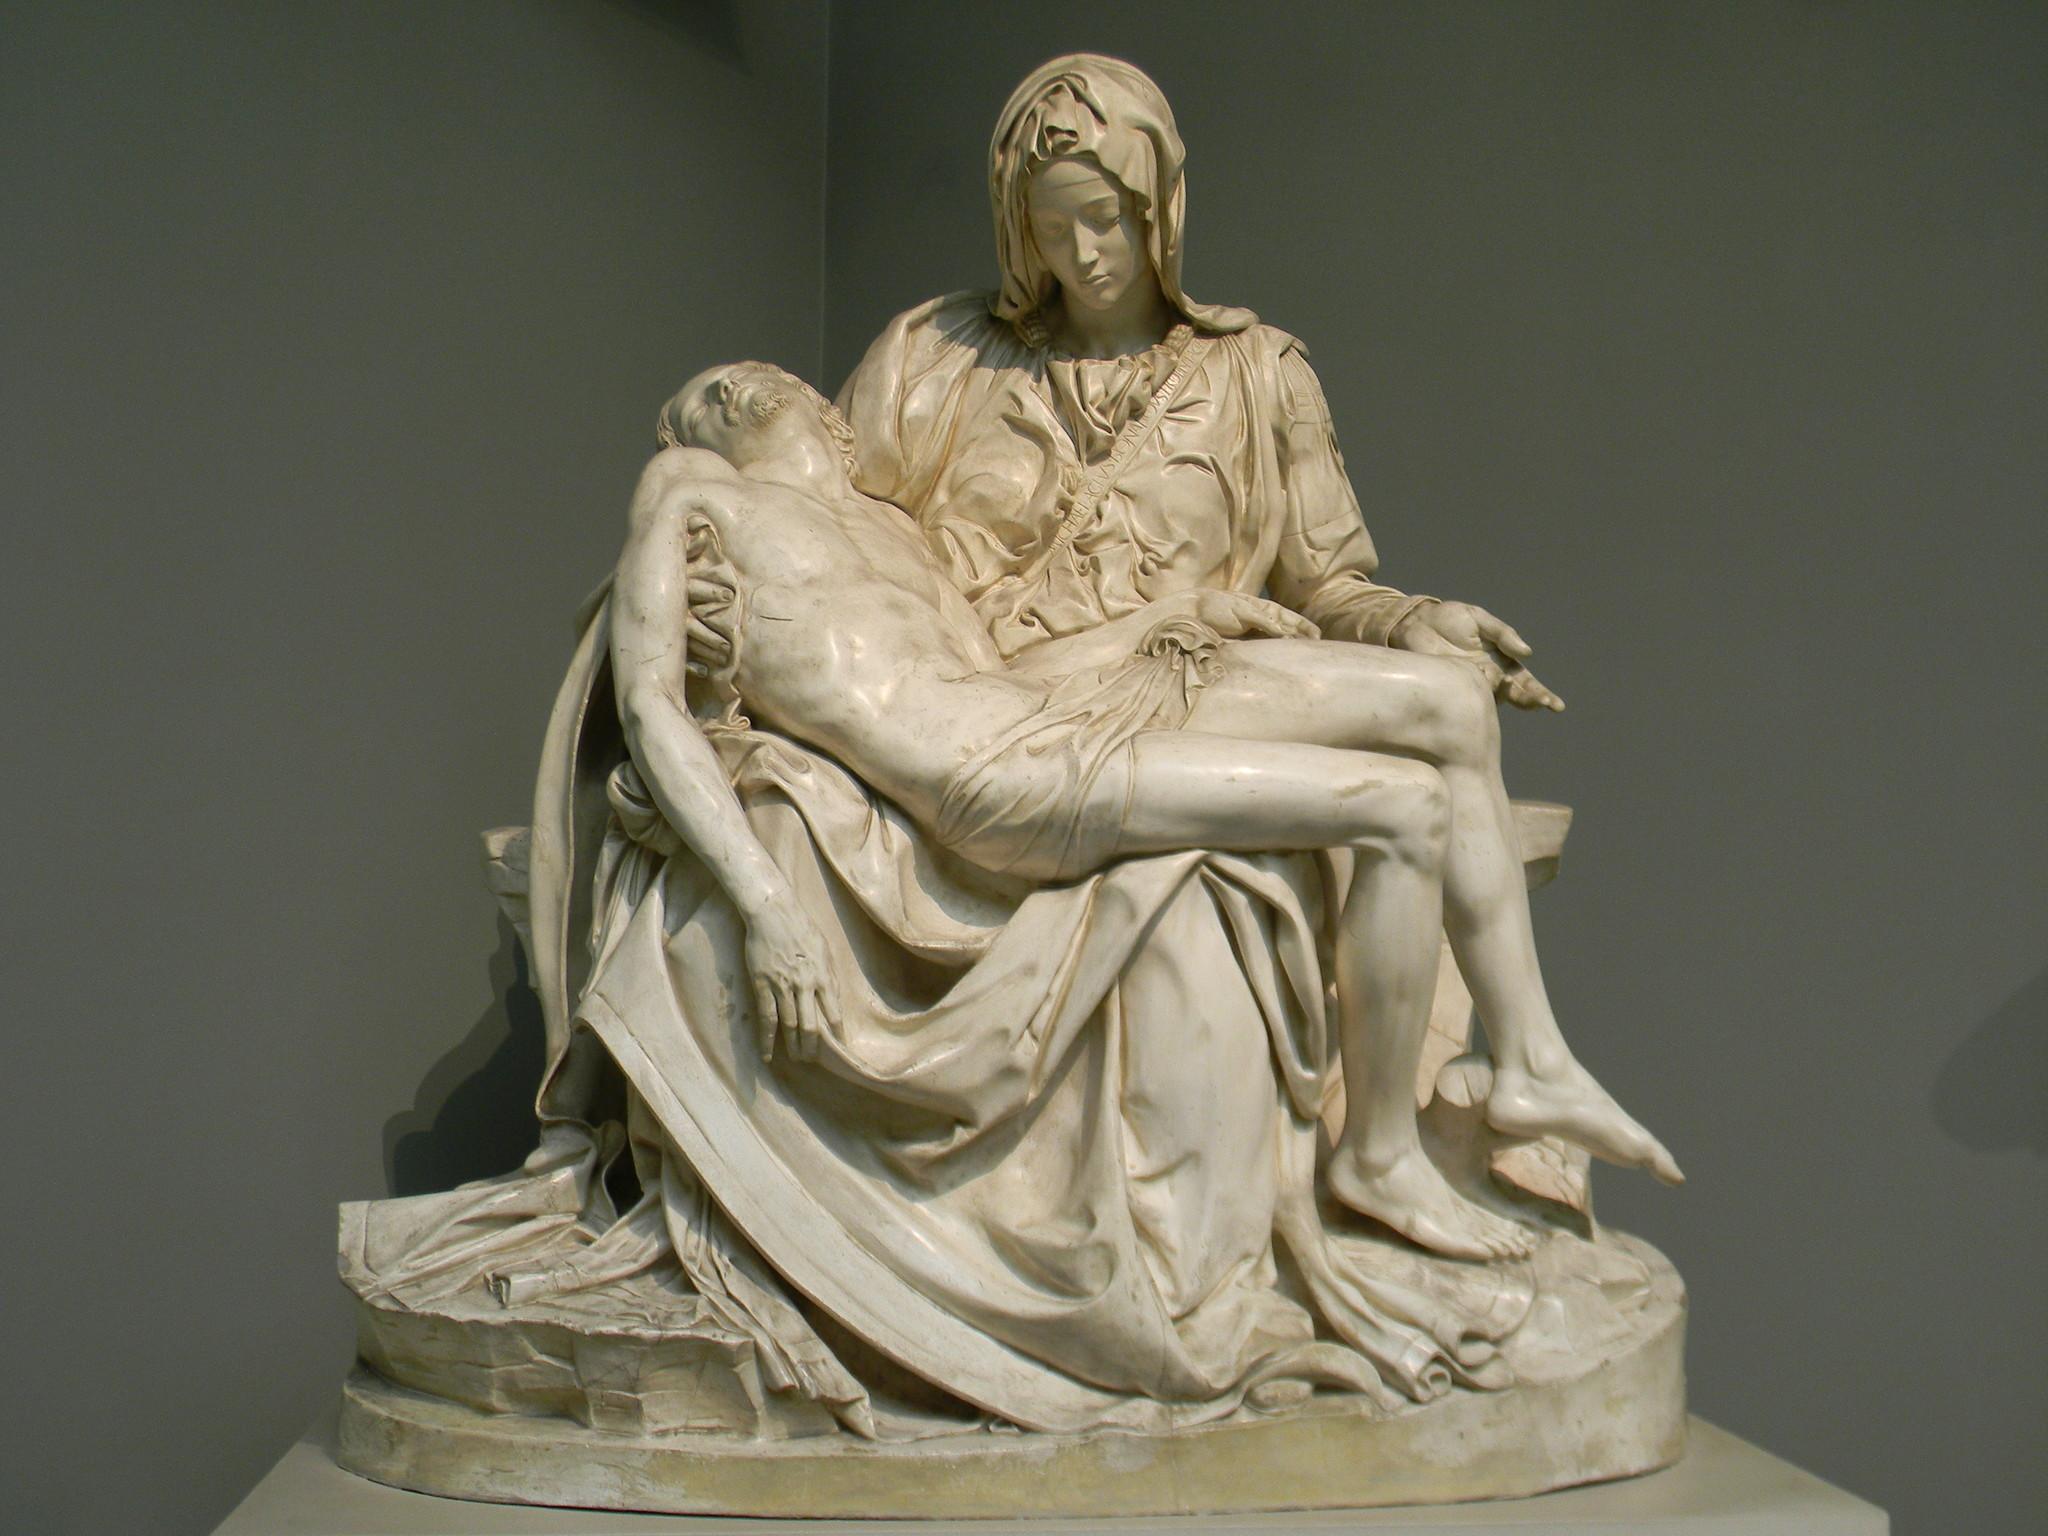 «Оплакивание Христа. Пьета». Микеланджело Буонарроти. Слепок. Подлинник - мрамор. Собор св. Петра, Рим, Италия